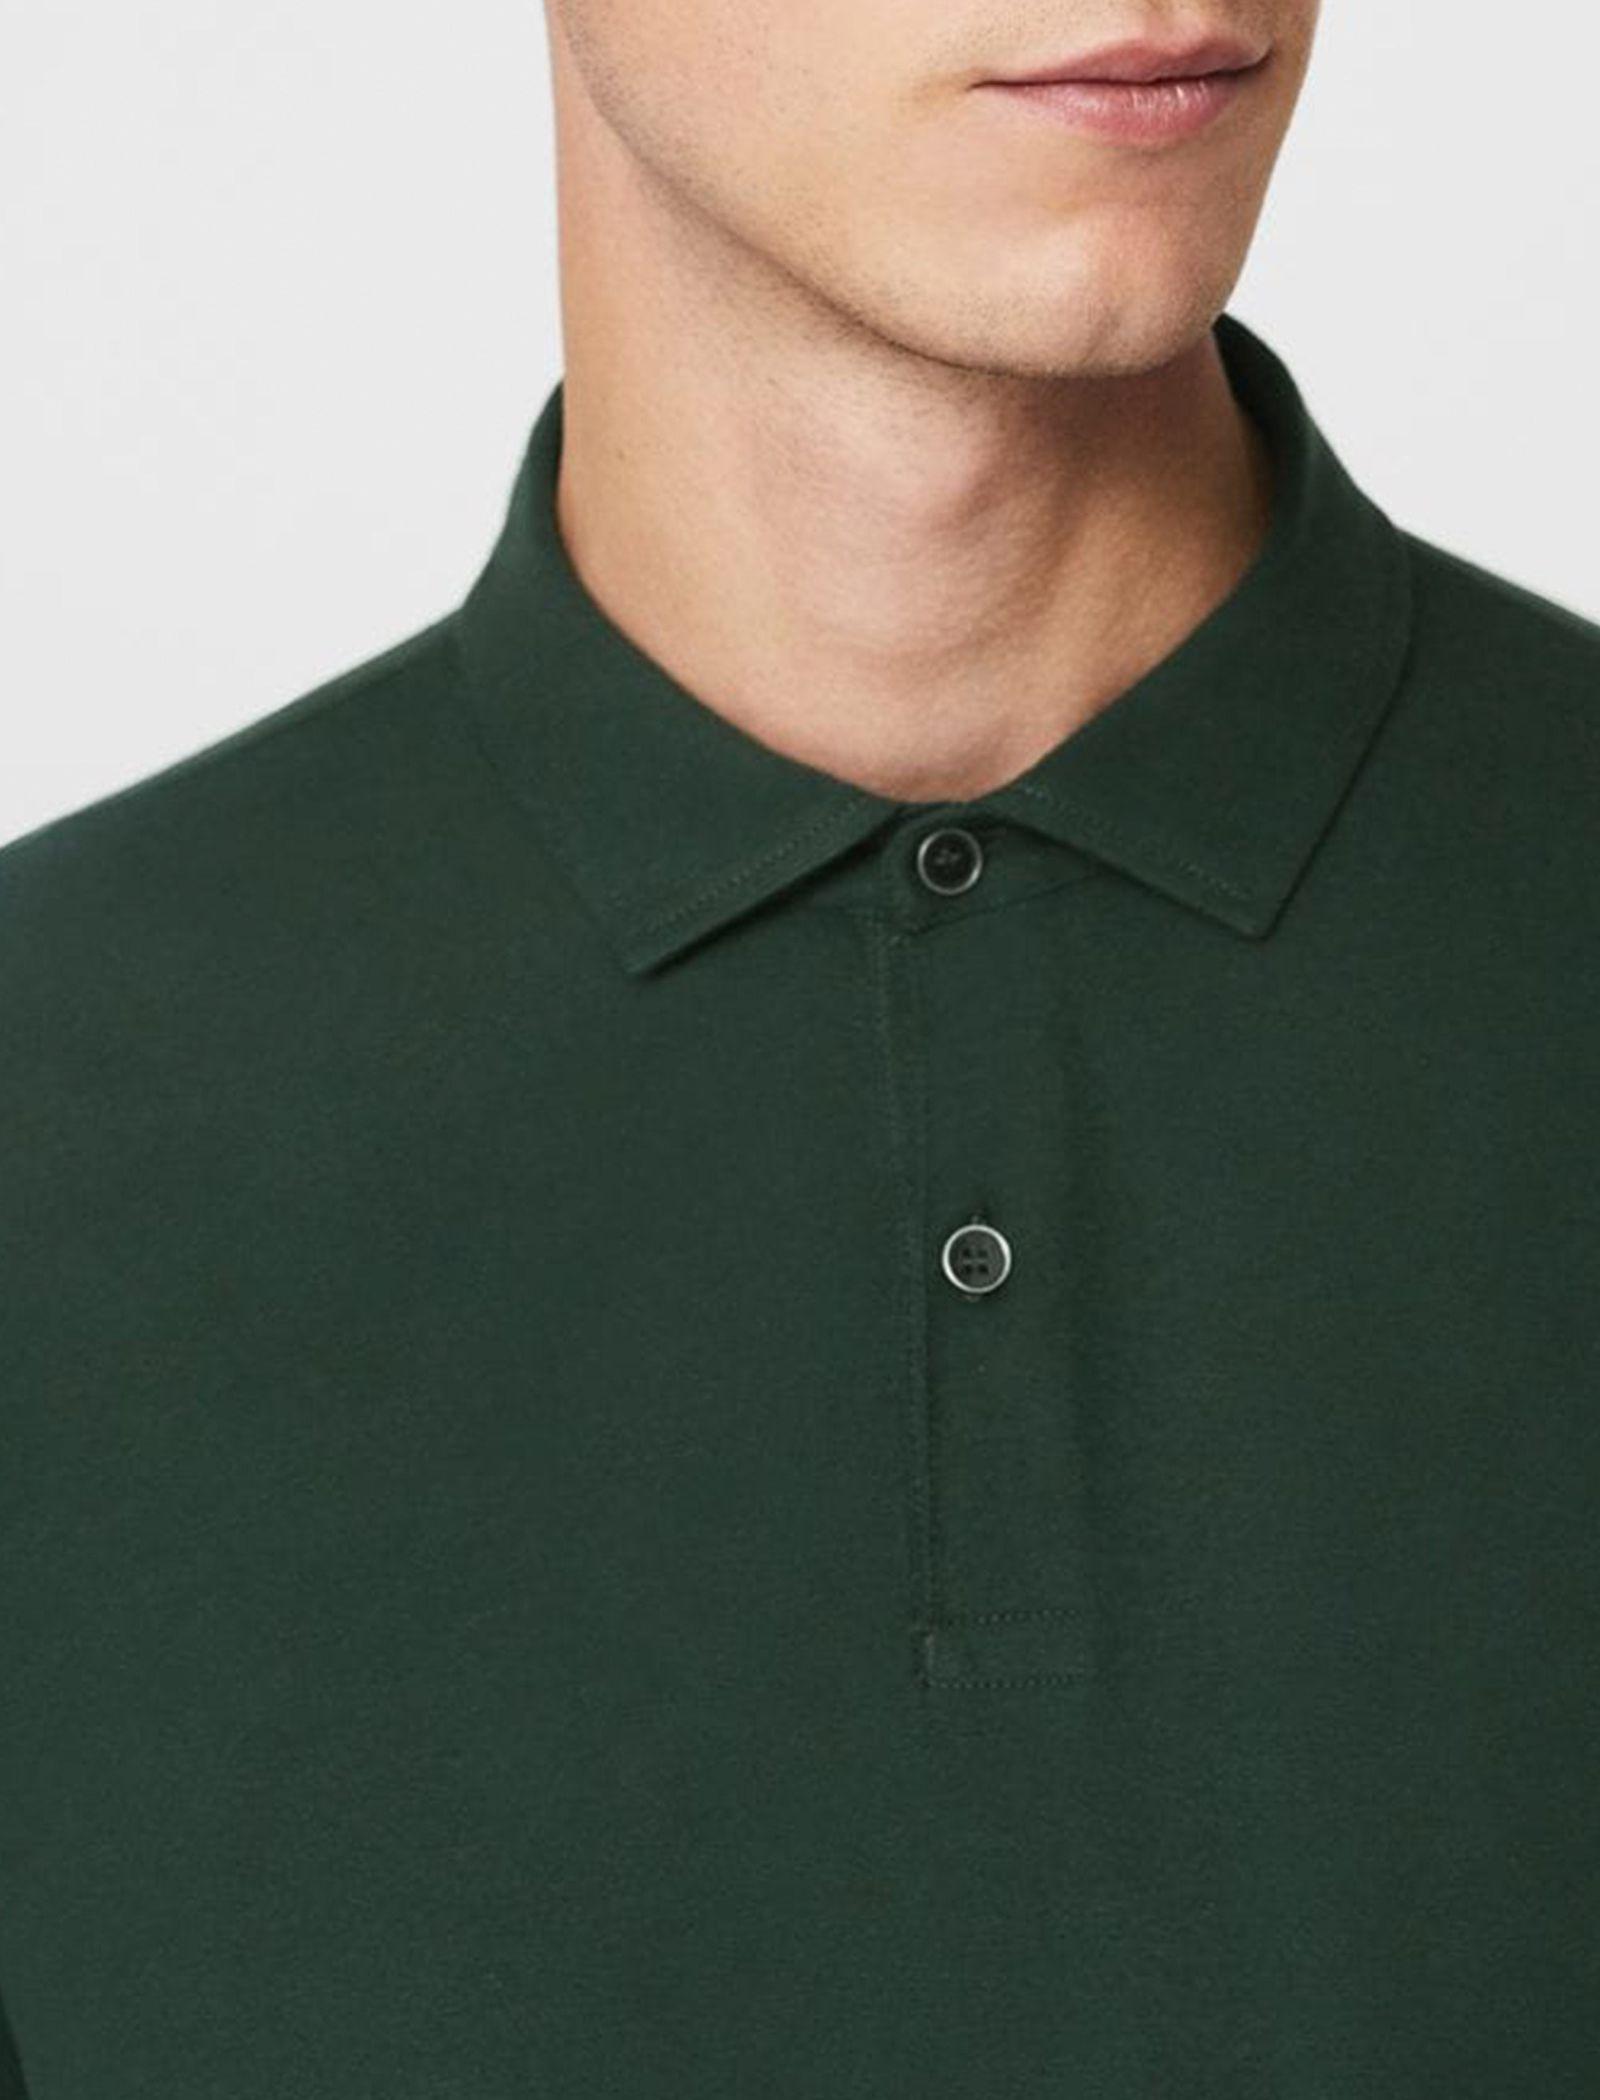 پولوشرت نخی آستین بلند مردانه - مانگو - سبز - 3